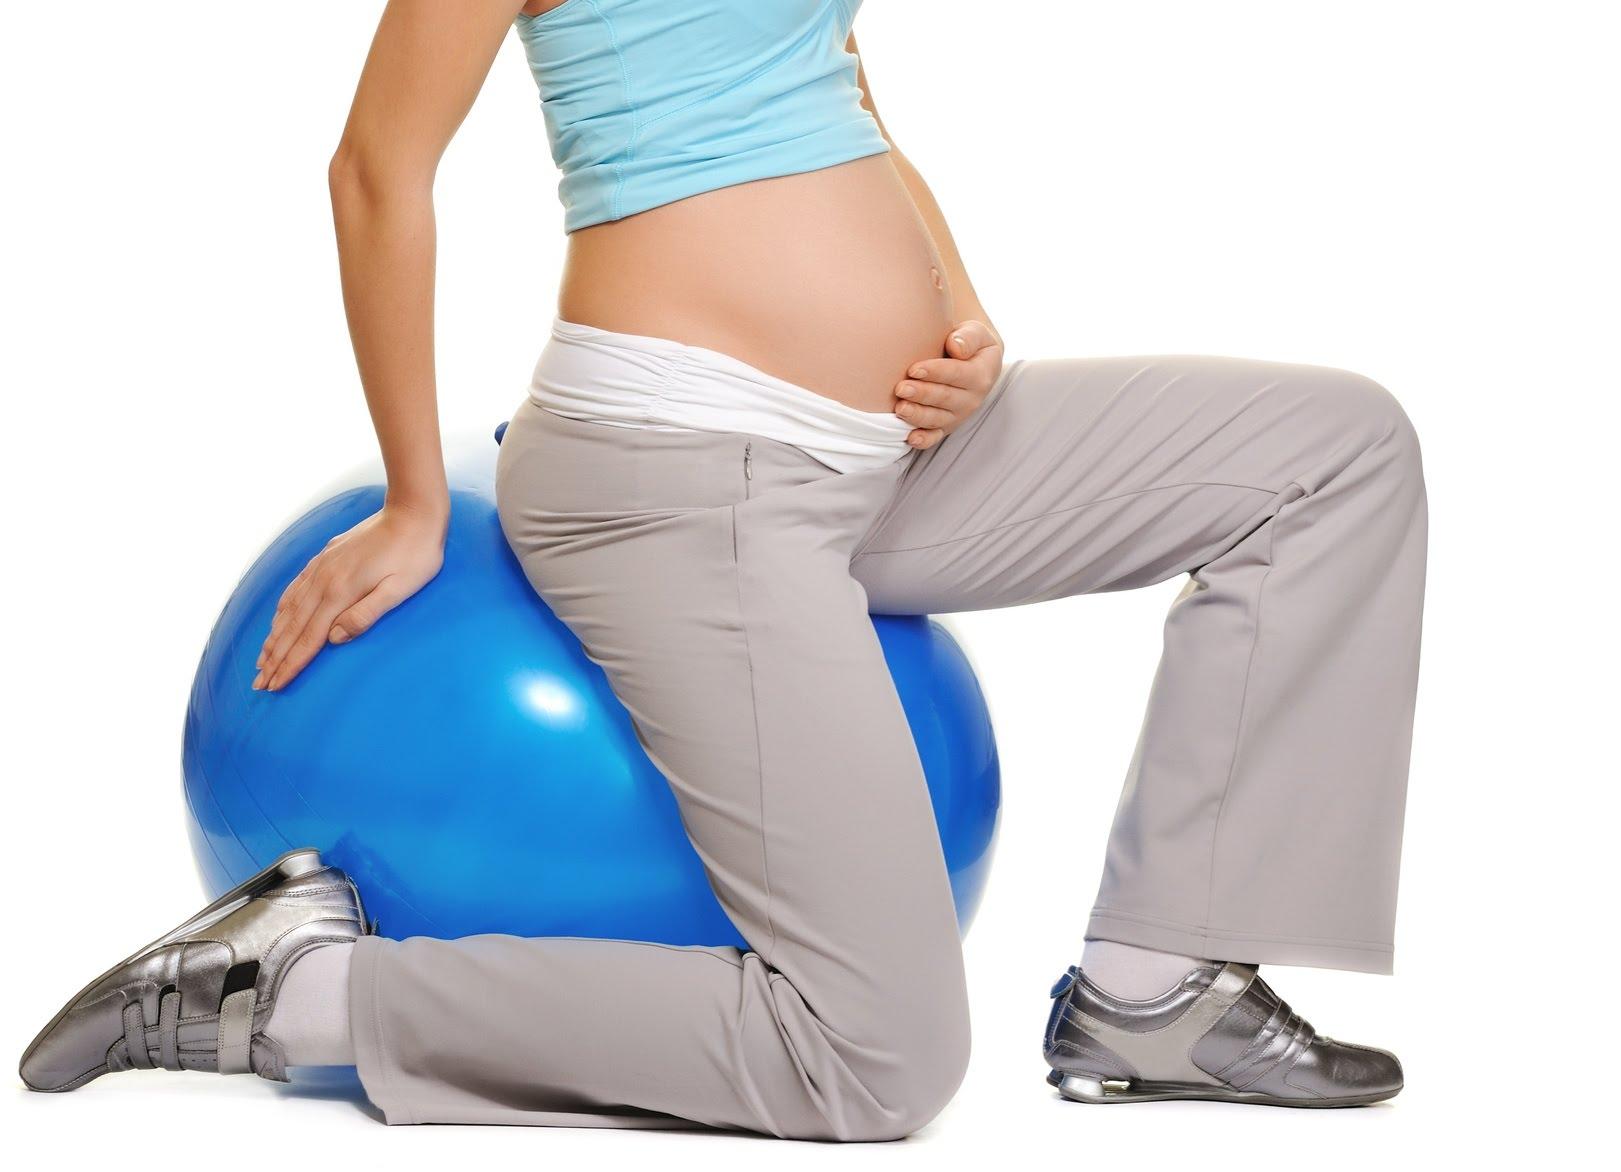 Упражнения Кегеля для беременной женщины